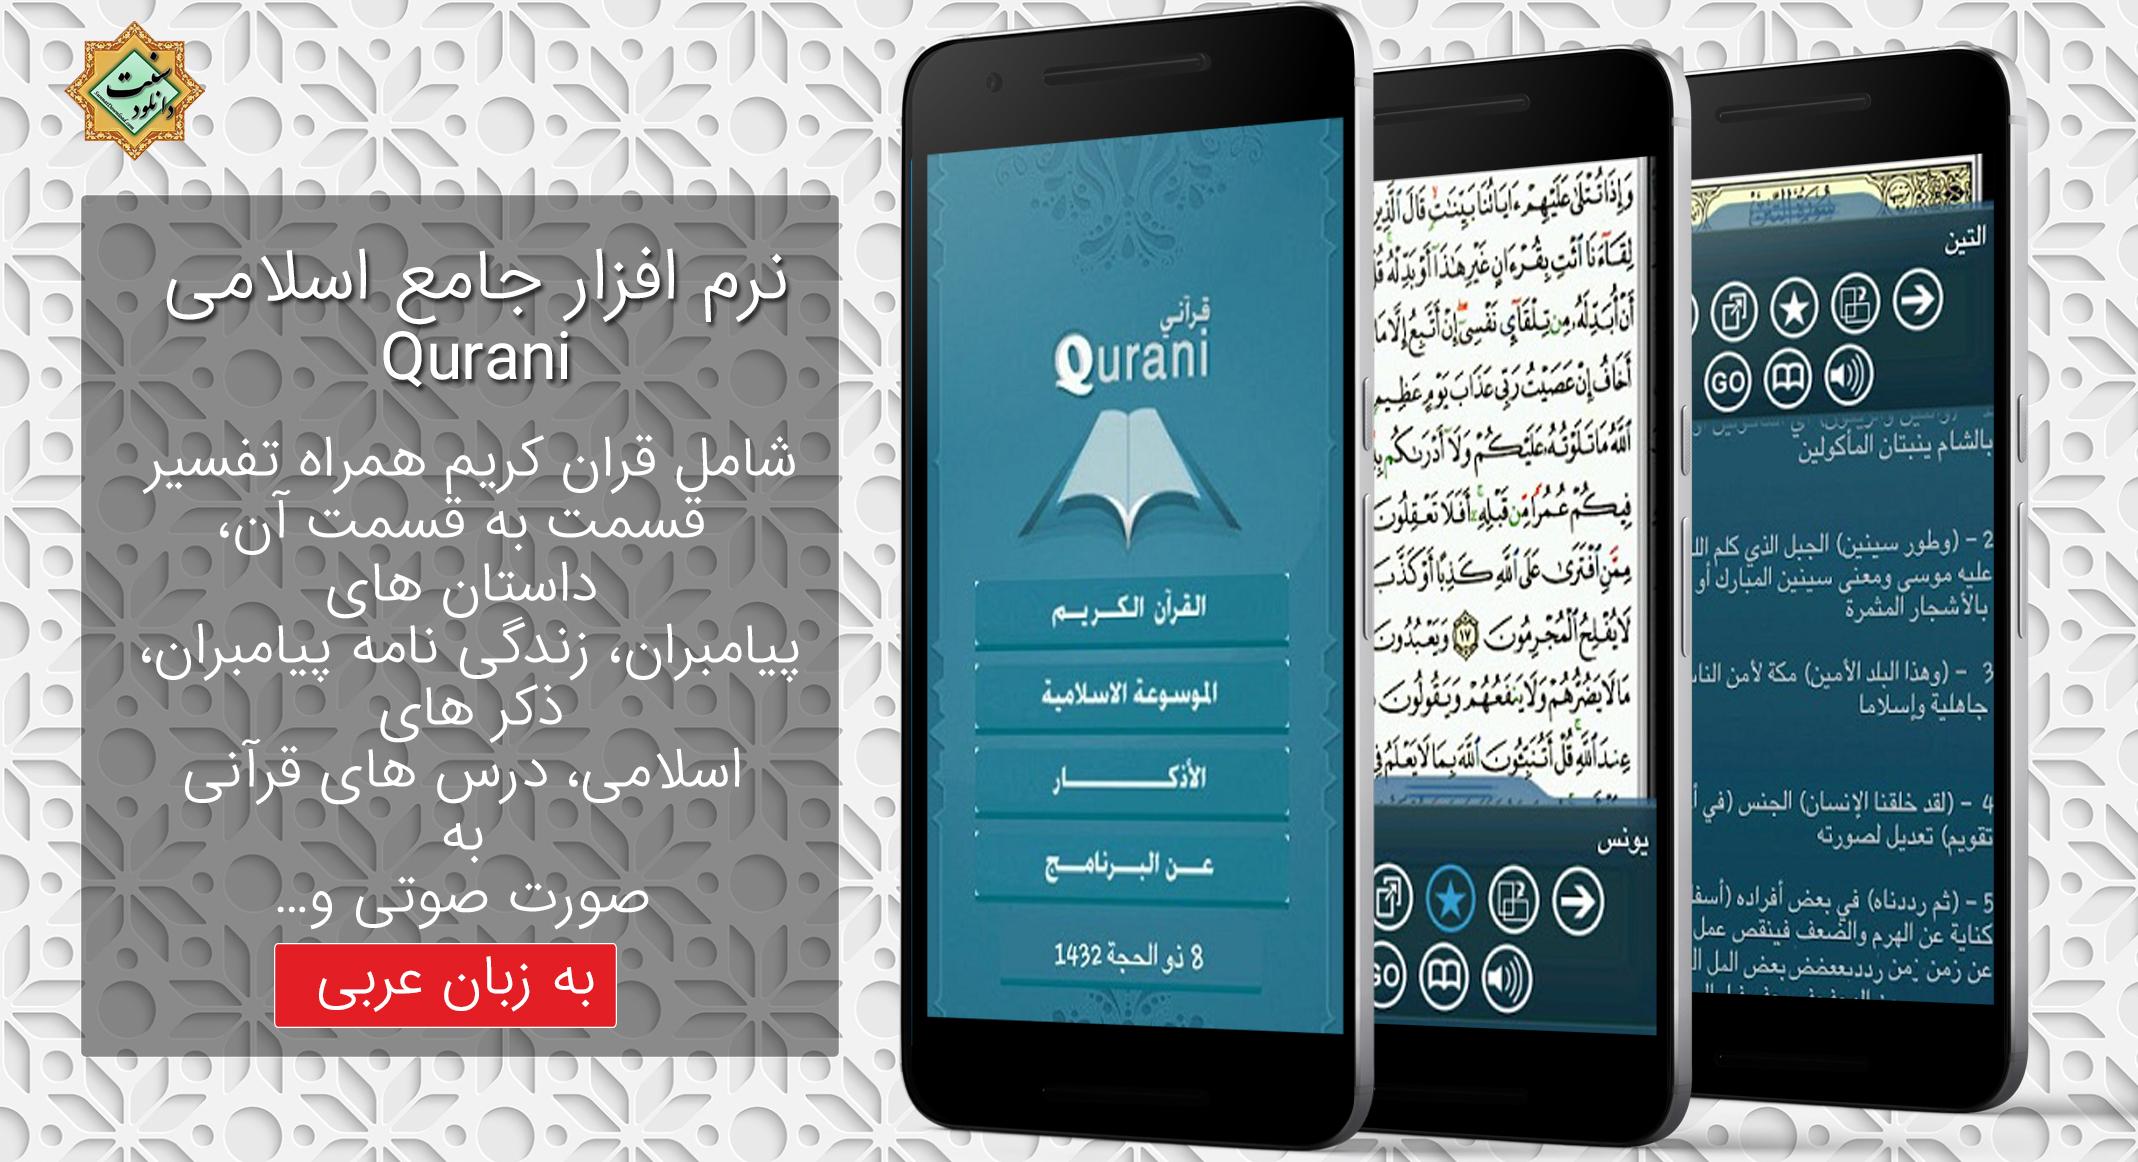 نرم افزار جامع اسلامی Qurani 1.2.1